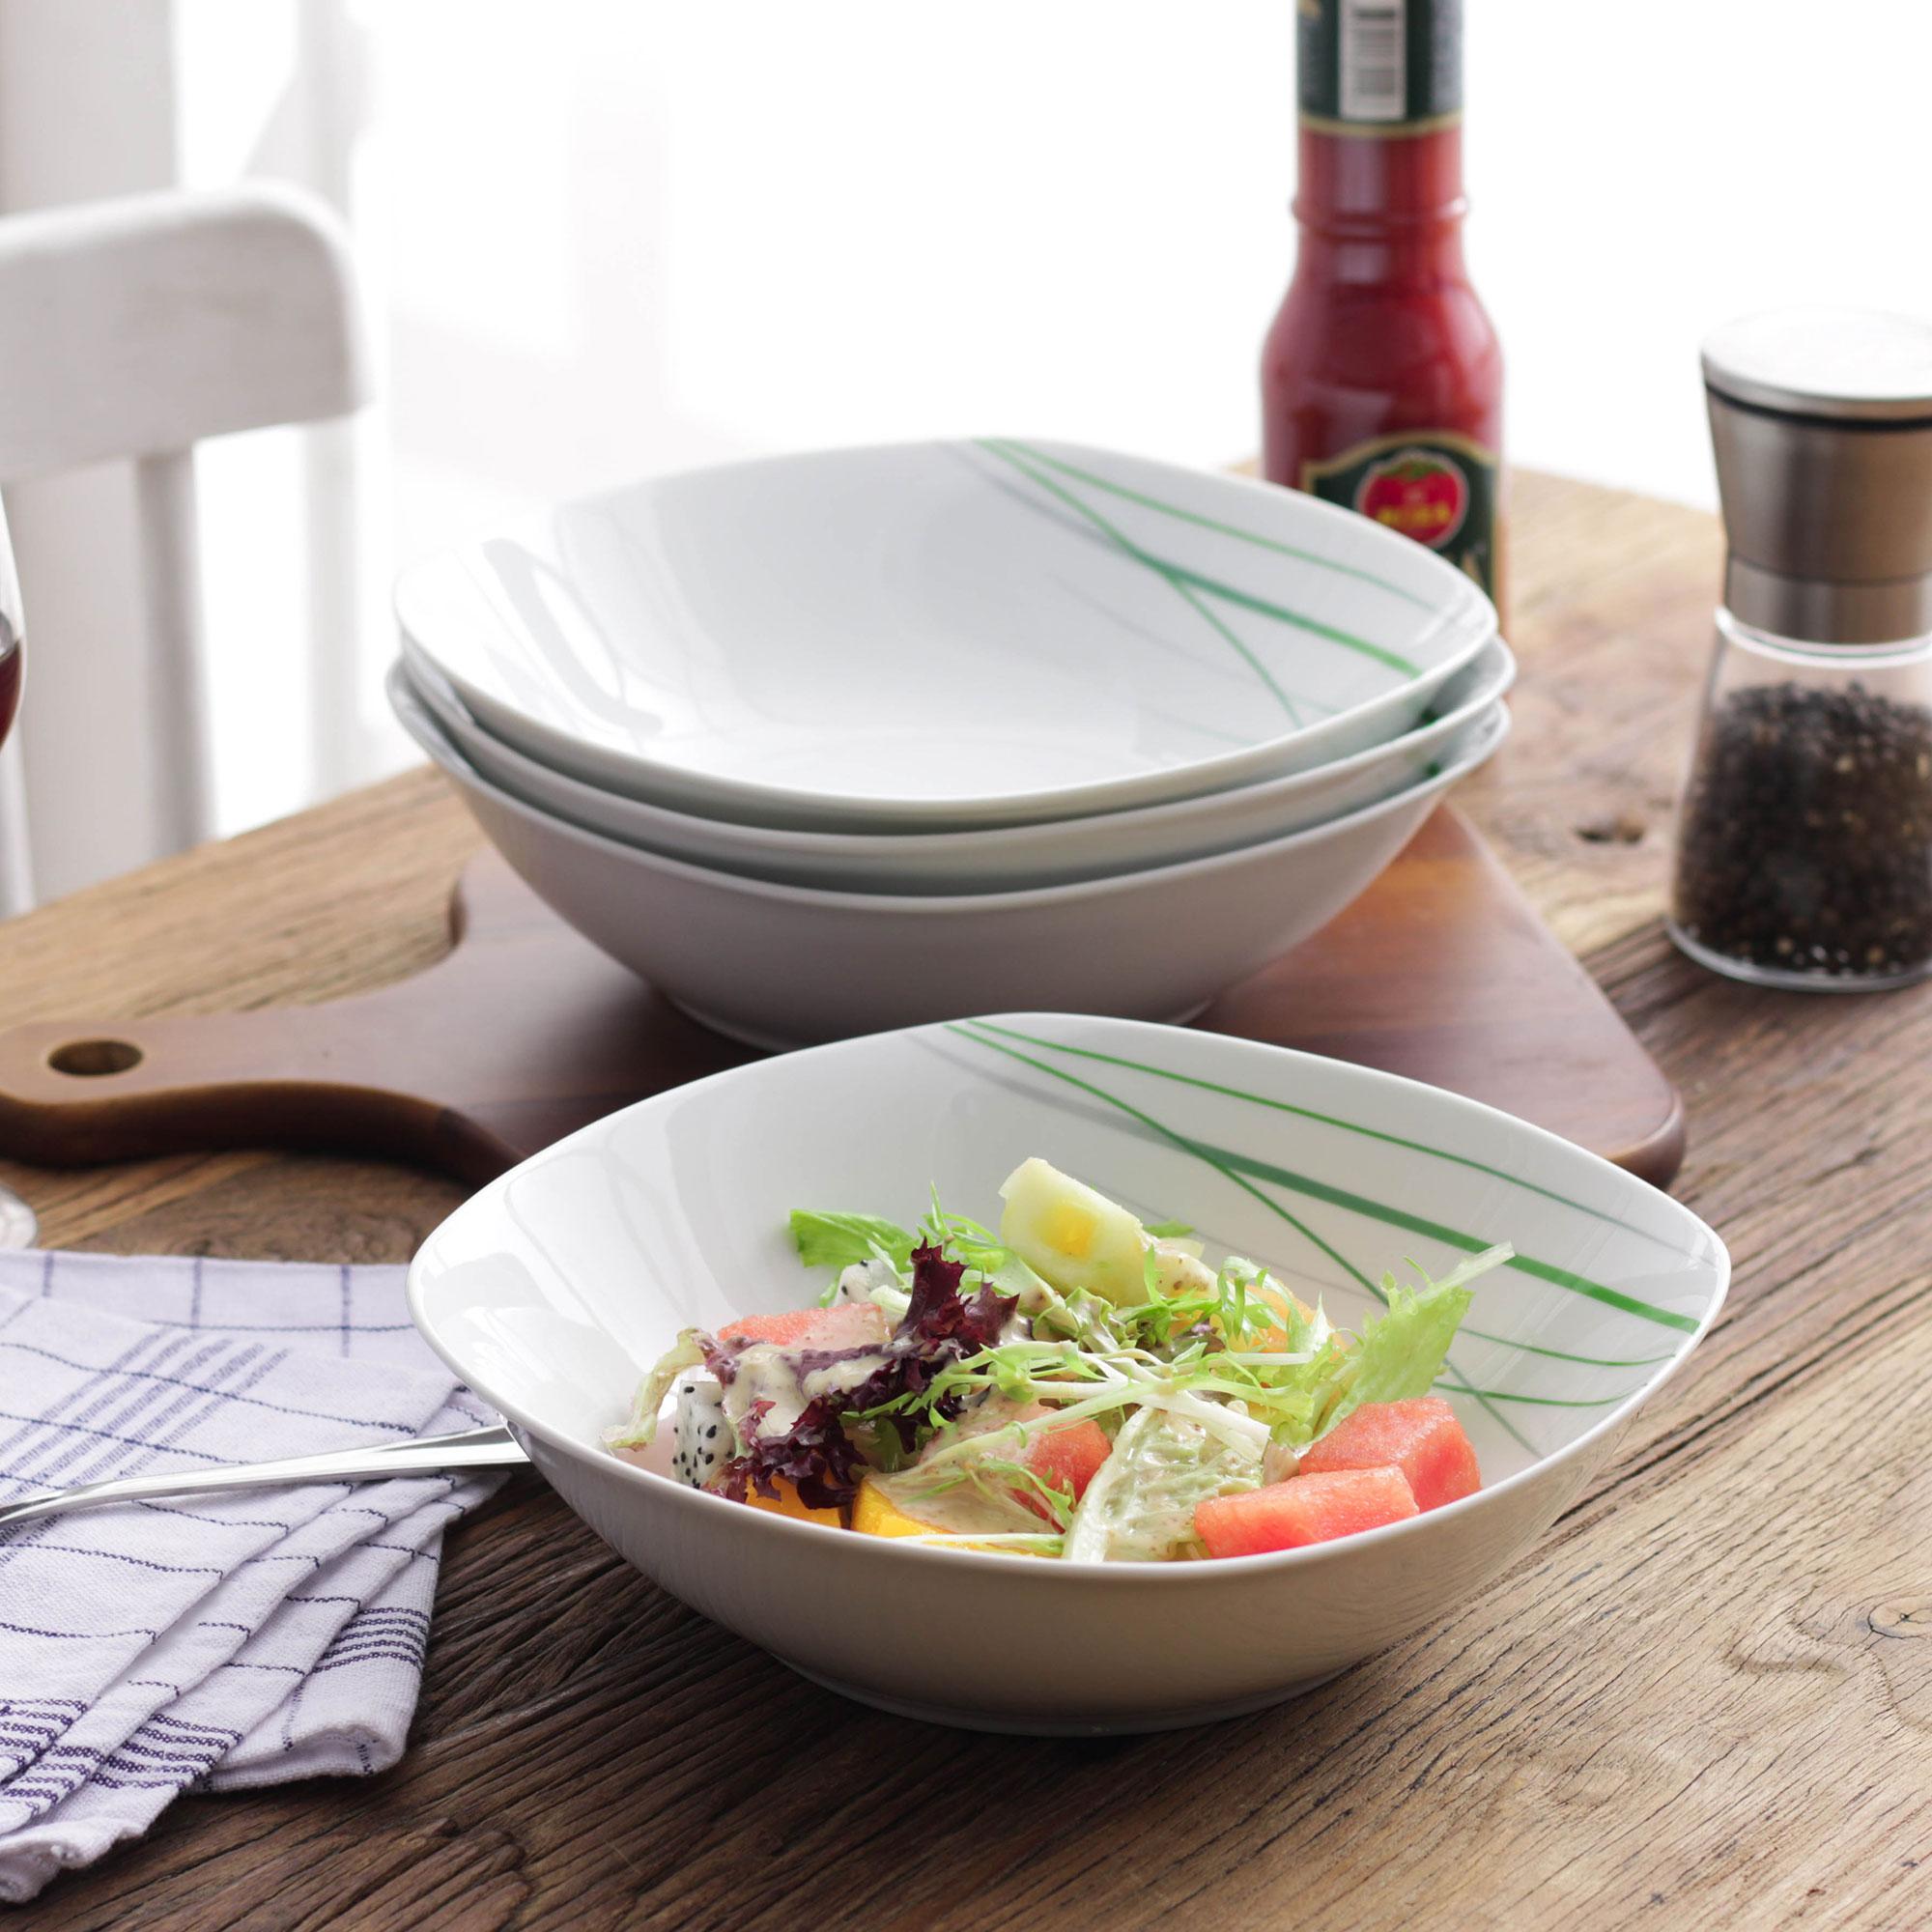 VEWEET AVIVA ensemble rond de bols à fruits et à salade | En porcelaine blanche de 9 pouces 1050ML, assiette à soupe profonde pour la salade/plats latéraux, soupe/Dessert, 4 pièces